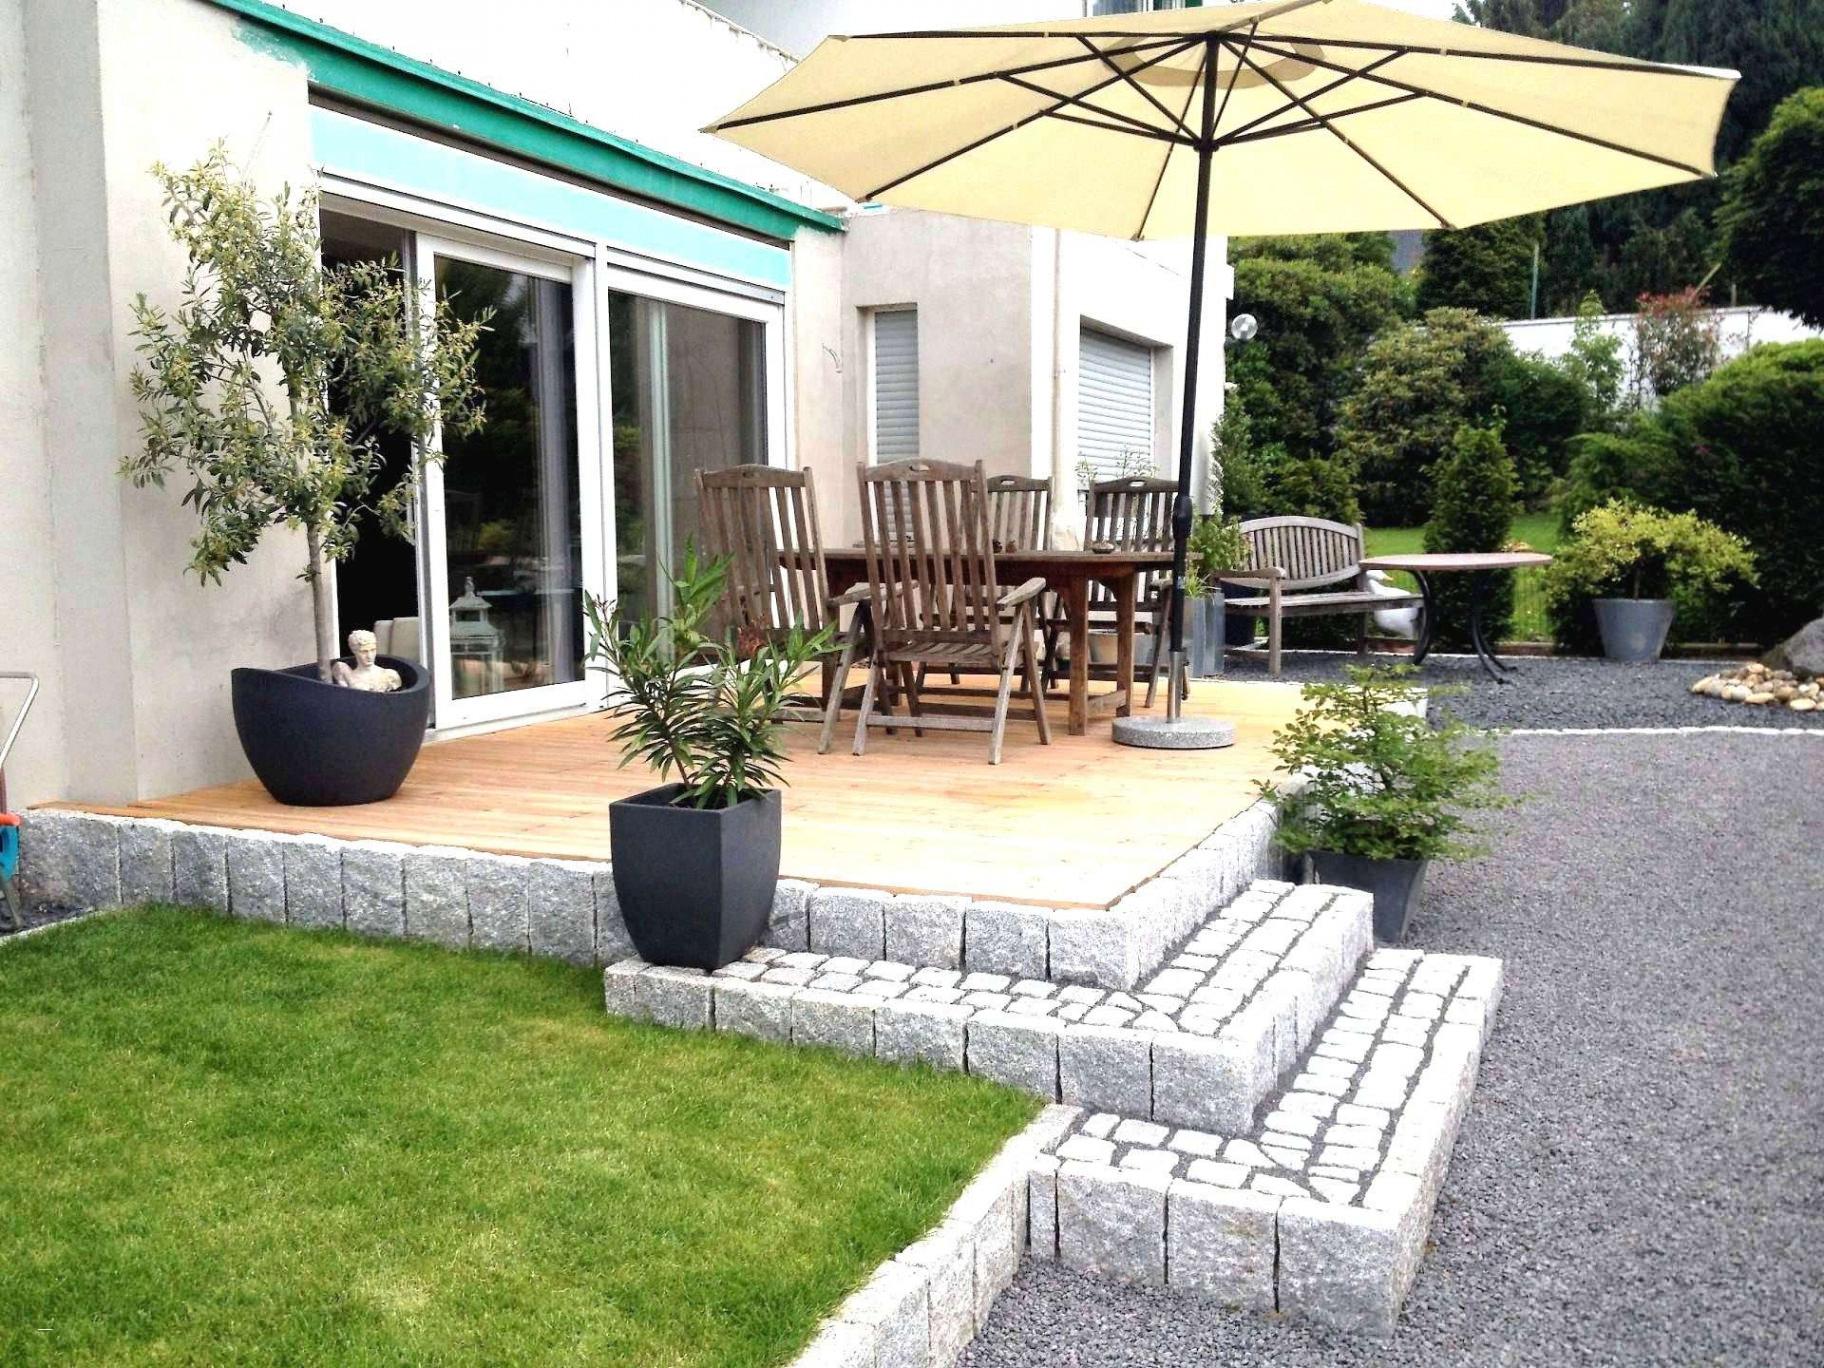 32 das beste von garten terrasse selber bauen blumenampel selber machen blumenampel selber machen